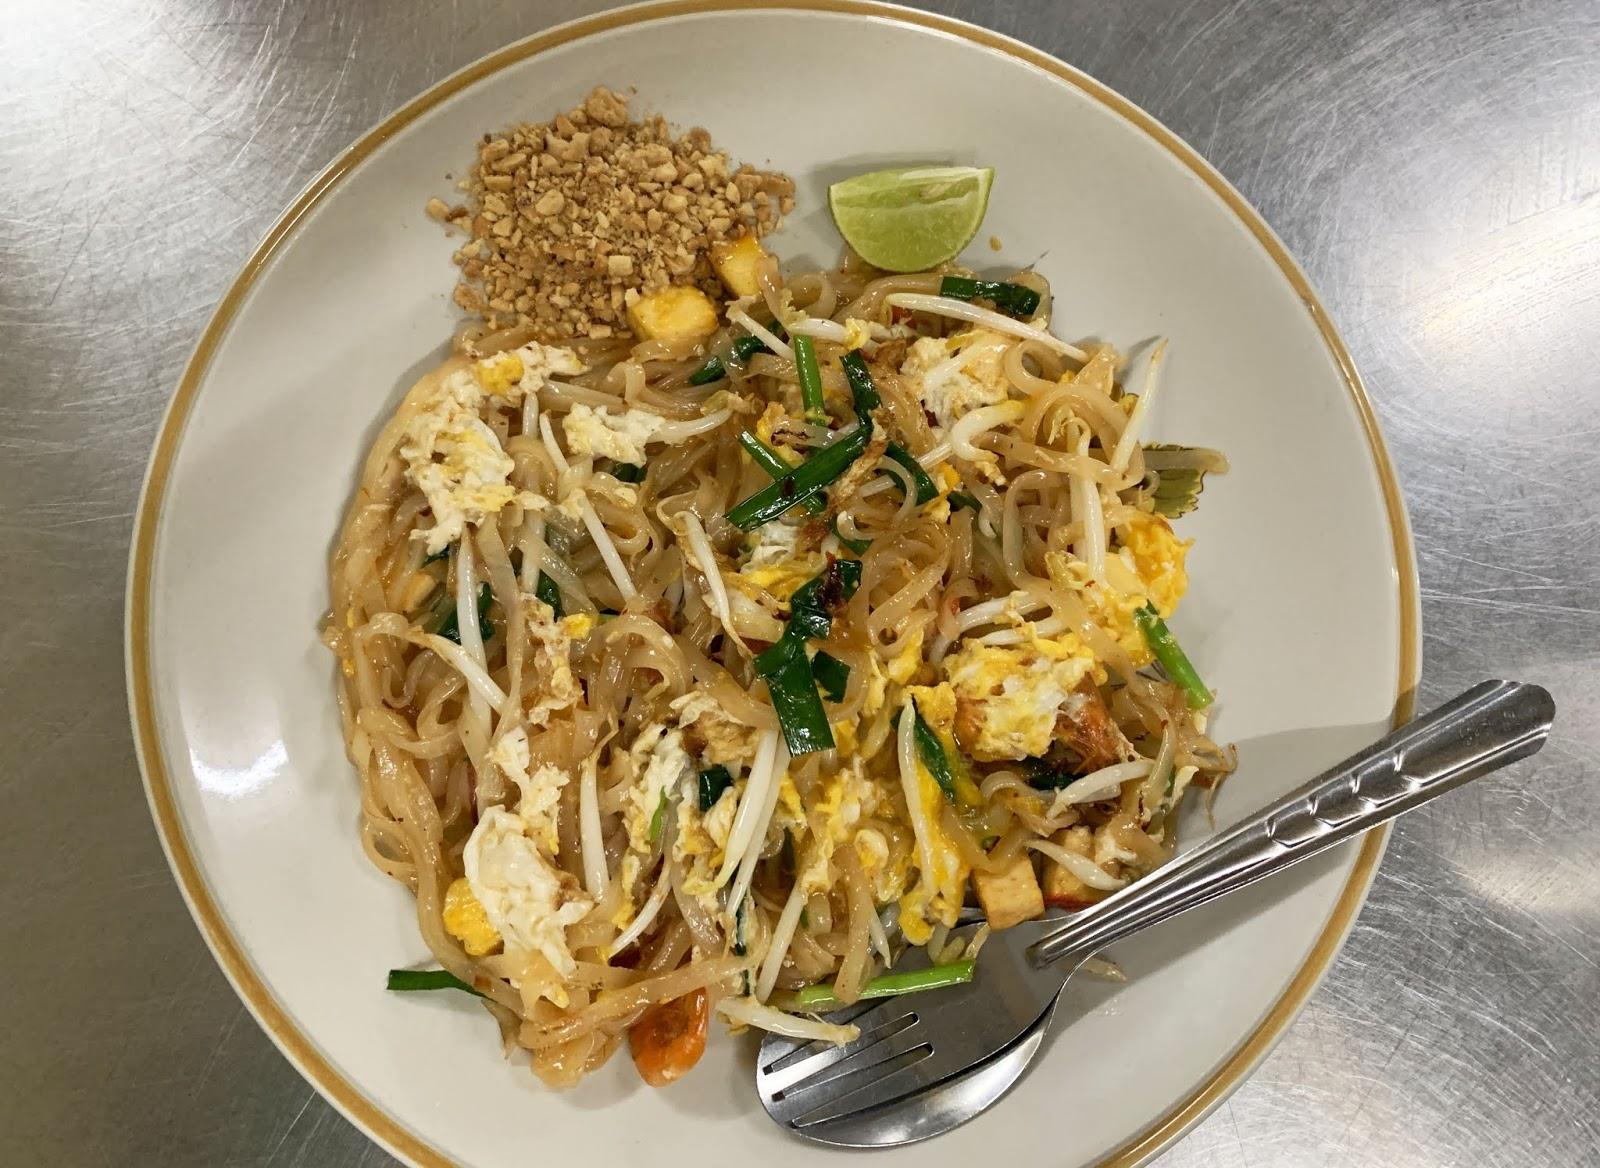 Tajski tradycyjny przysmak ze Street Foodów - czyli idealny Pad Thai